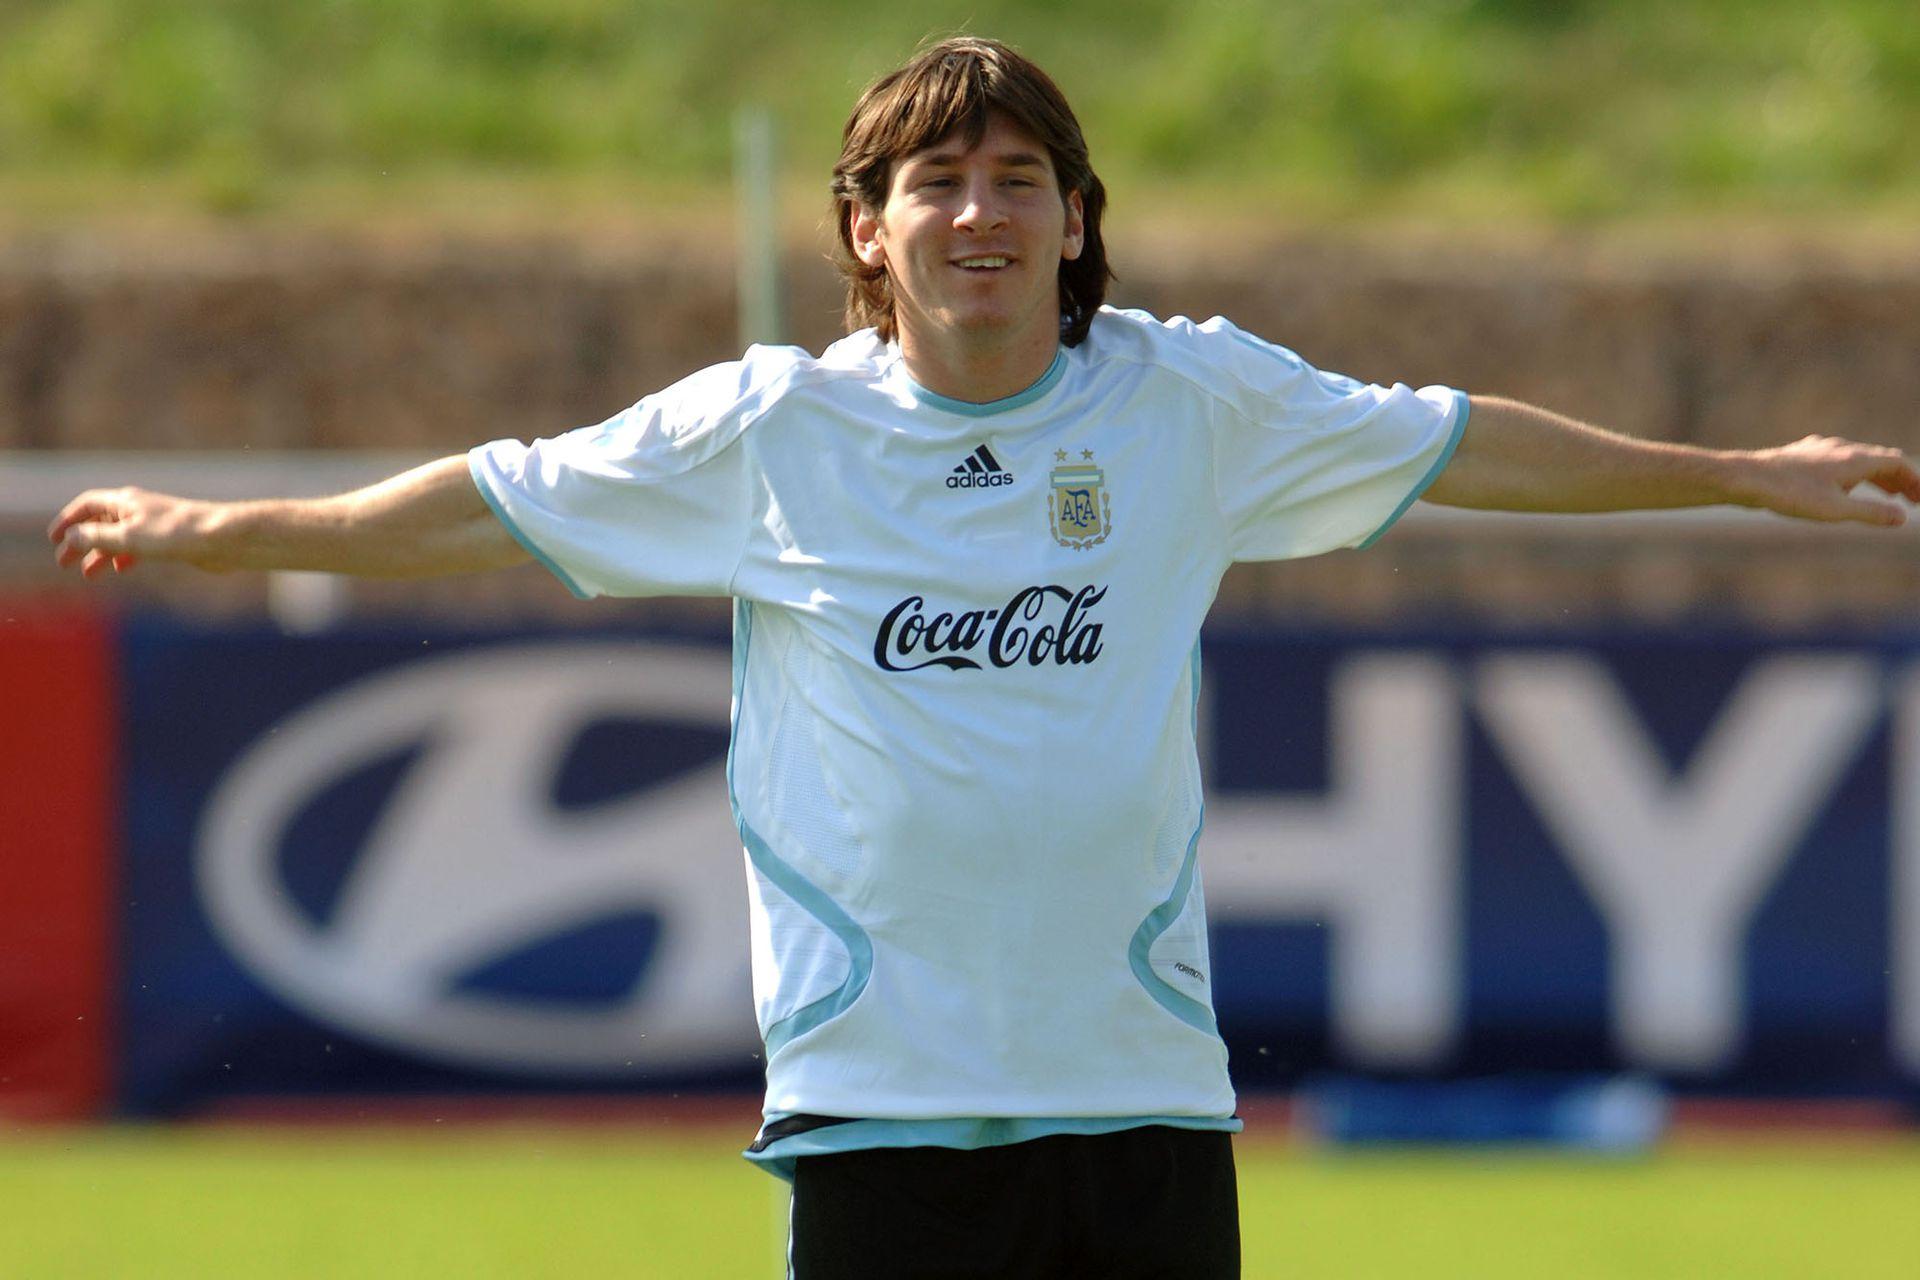 Lionel Messi en Alemania 2006, su primera Copa del Mundo, durante la que cumpliría 19 años; si consigue la clasificación para Qatar, será el único argentino que habrá participado de cinco mundiales